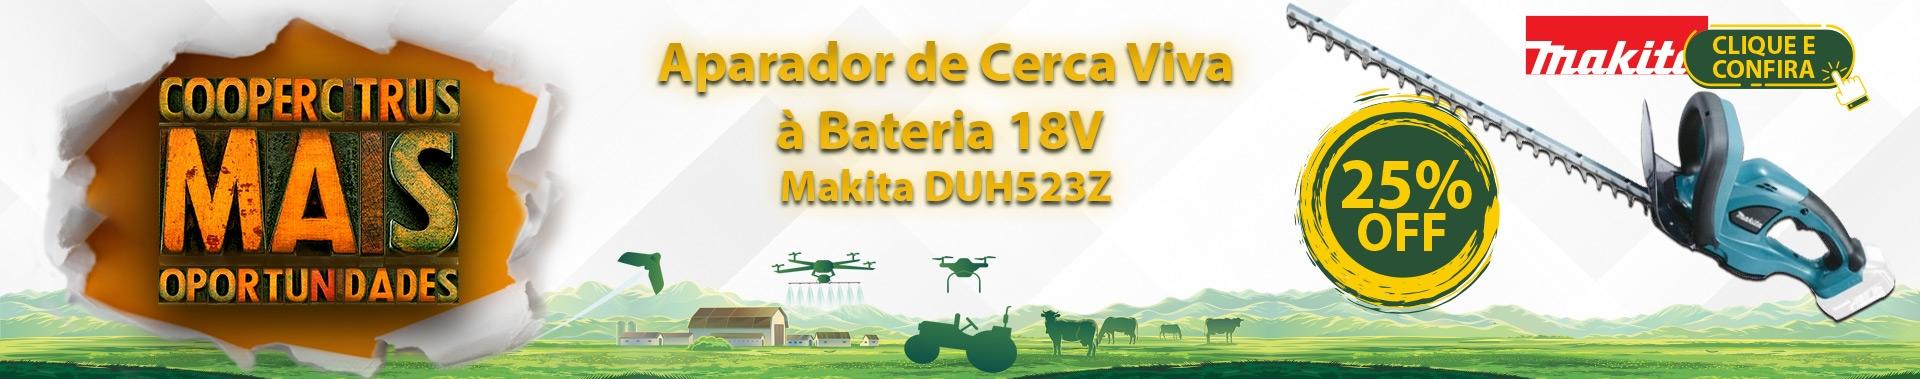 Coopercitrus Mais Oportunidades! Aparador de Cerca Viva à Bateria 18V - Makita DUH523Z com 25% OFF!